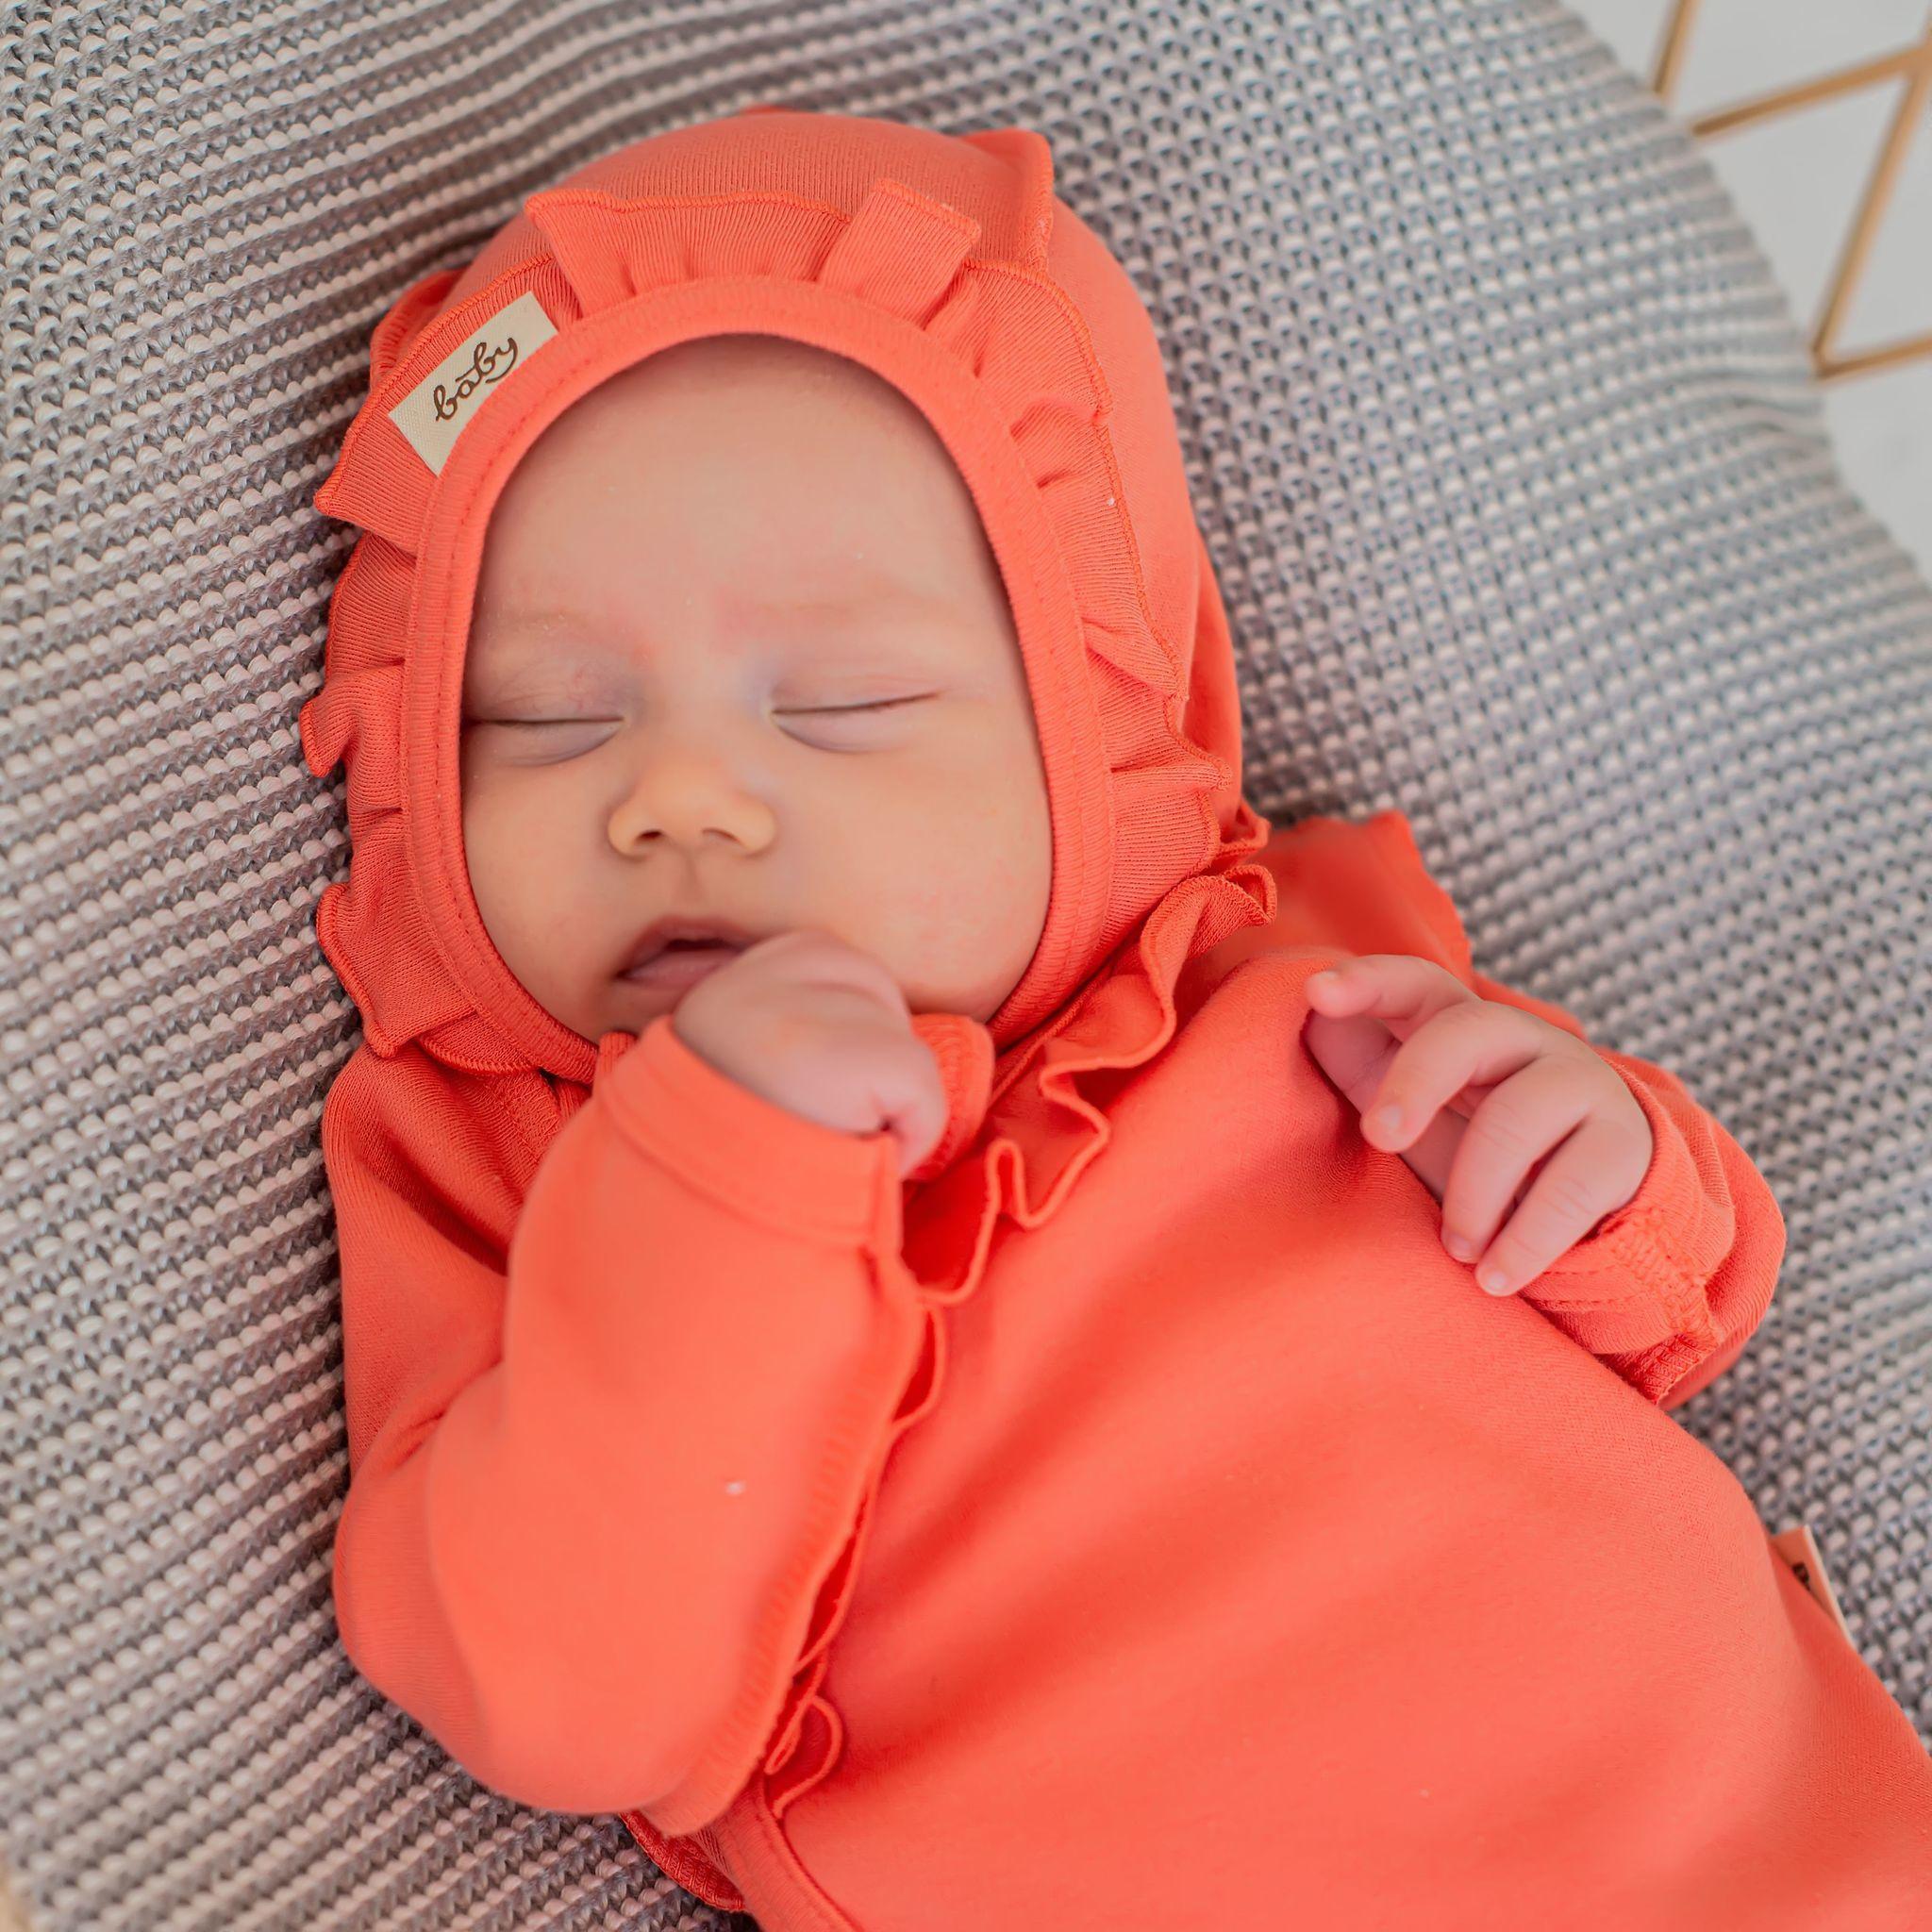 Ruffled baby hat 0+, Peach